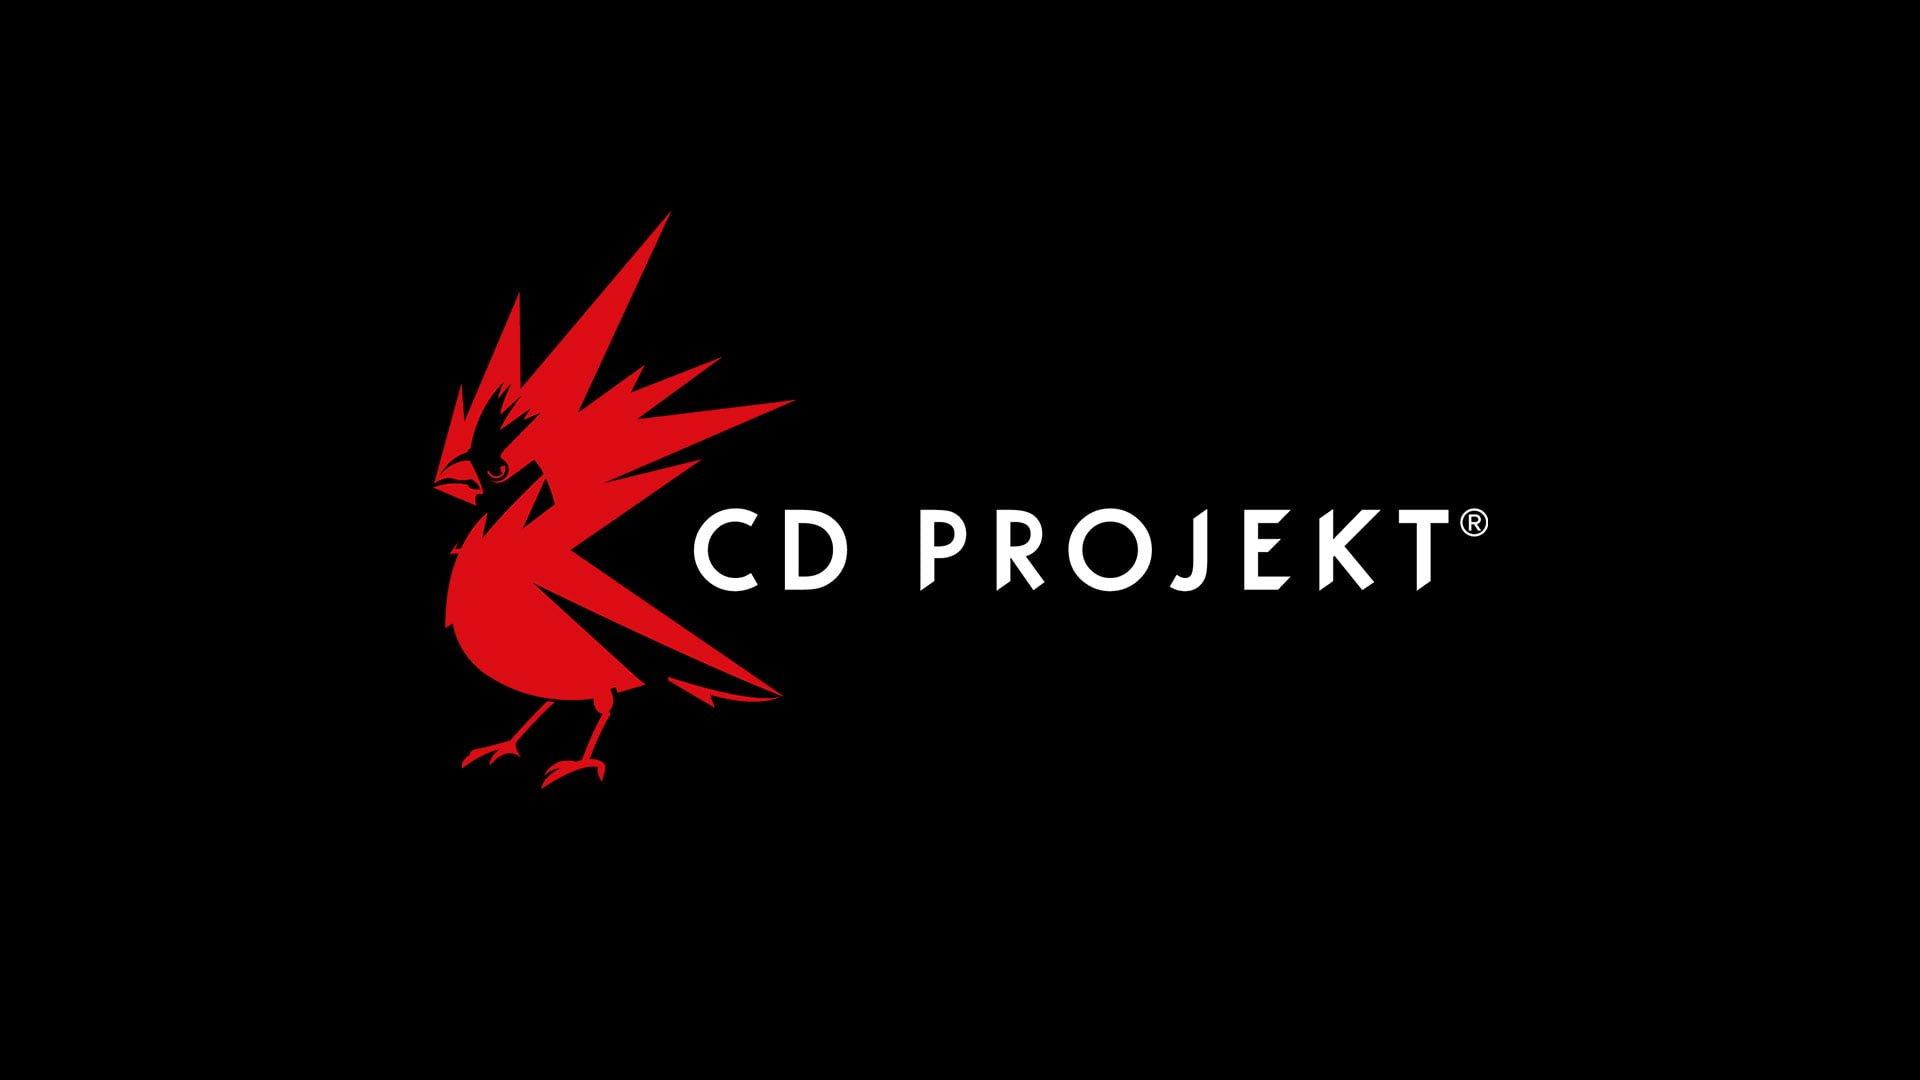 """Sony publikuje wideo o CD Projekt RED - firma jest """"źródłem narodowej dumy"""" 20"""